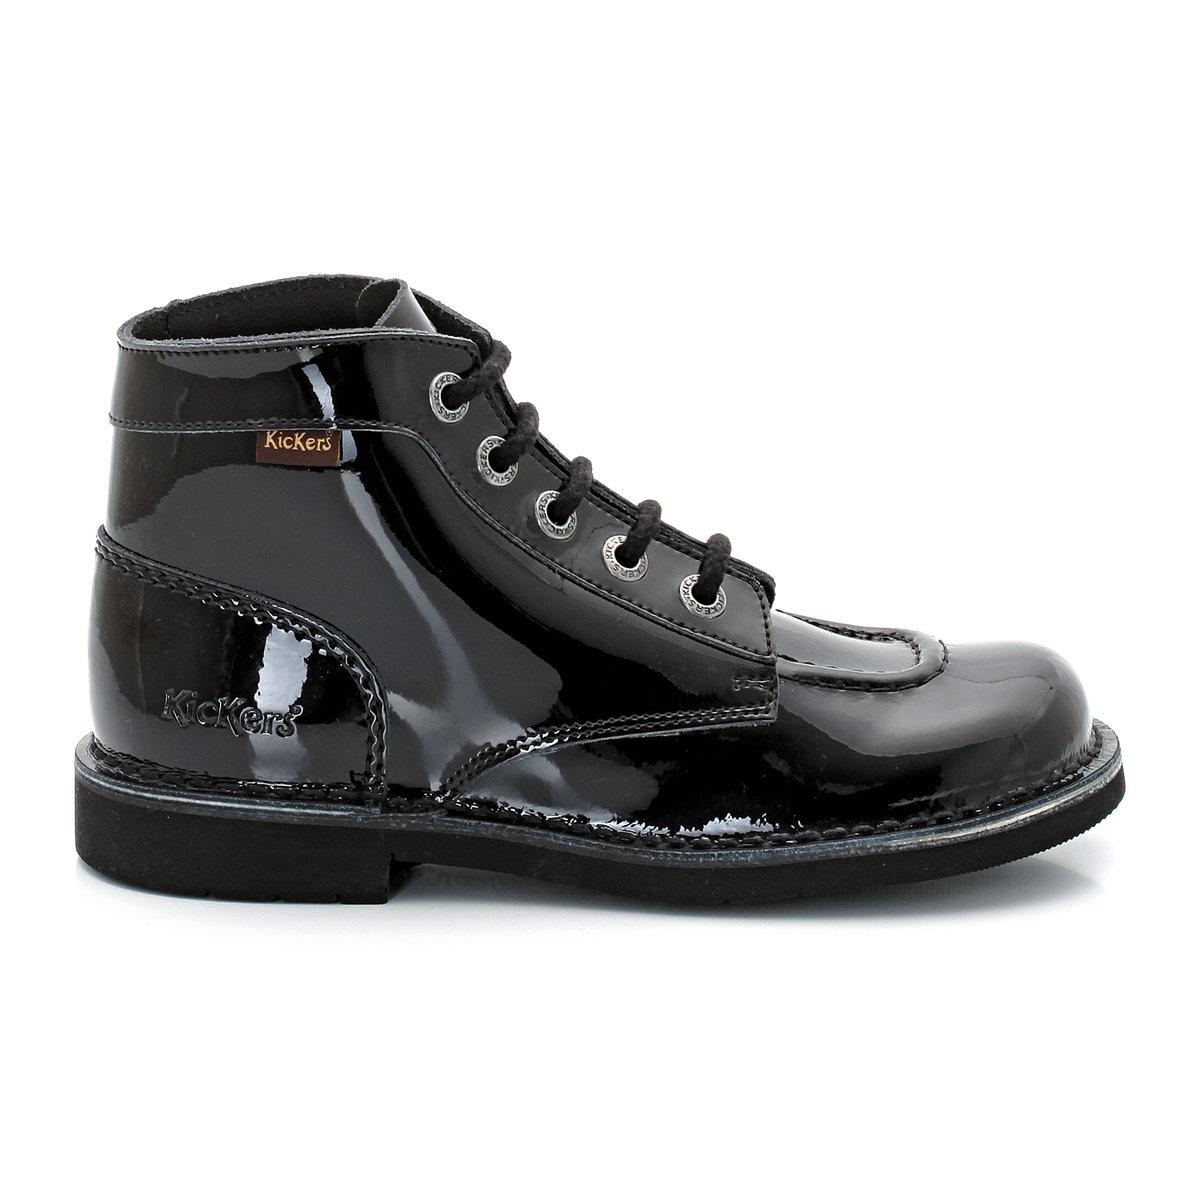 Ботинки Kick Col PermБотинки Kick Col Perm от KICKERSВерх : лакированная кожаПодкладка : шнуровкаСтелька : кожа Подошва : каучук.Высота каблука : 8 см<br><br>Цвет: Черный лак<br>Размер: 36.37.40